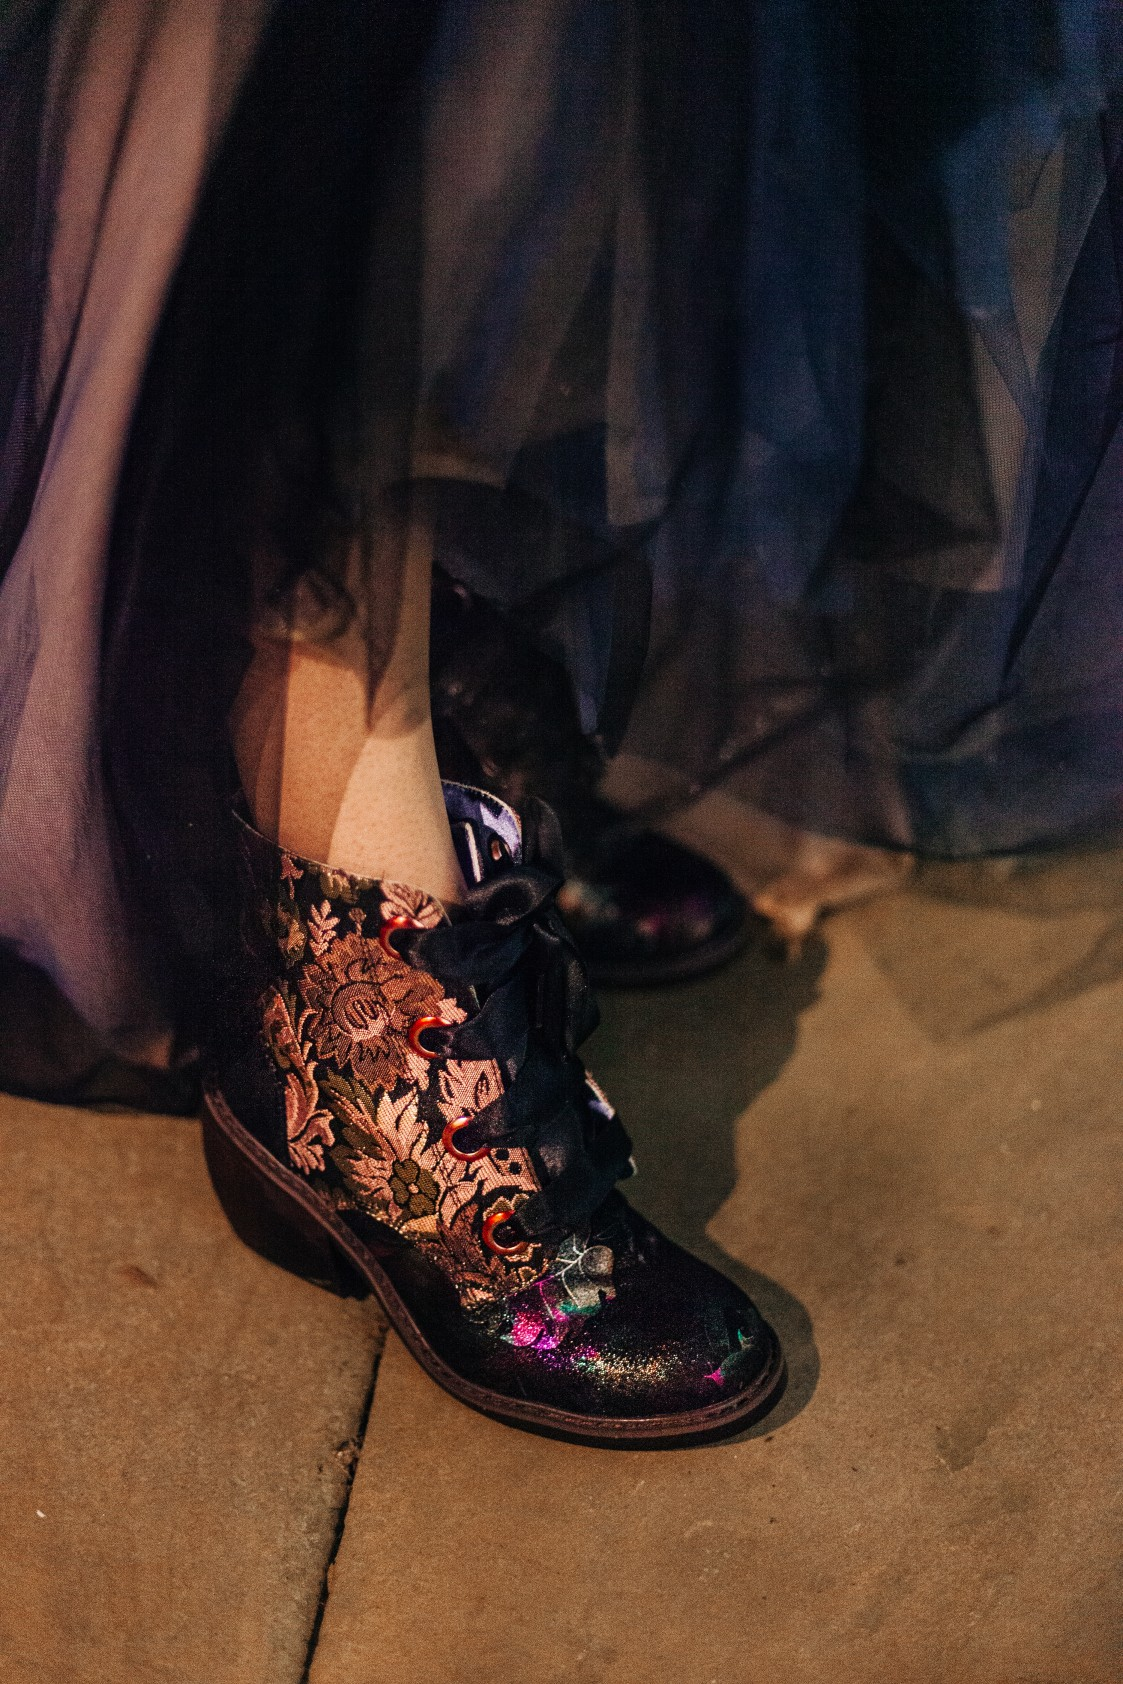 alternative bridalwear - gothic bridal wear - alternative wedding shoes - gothic wedding look